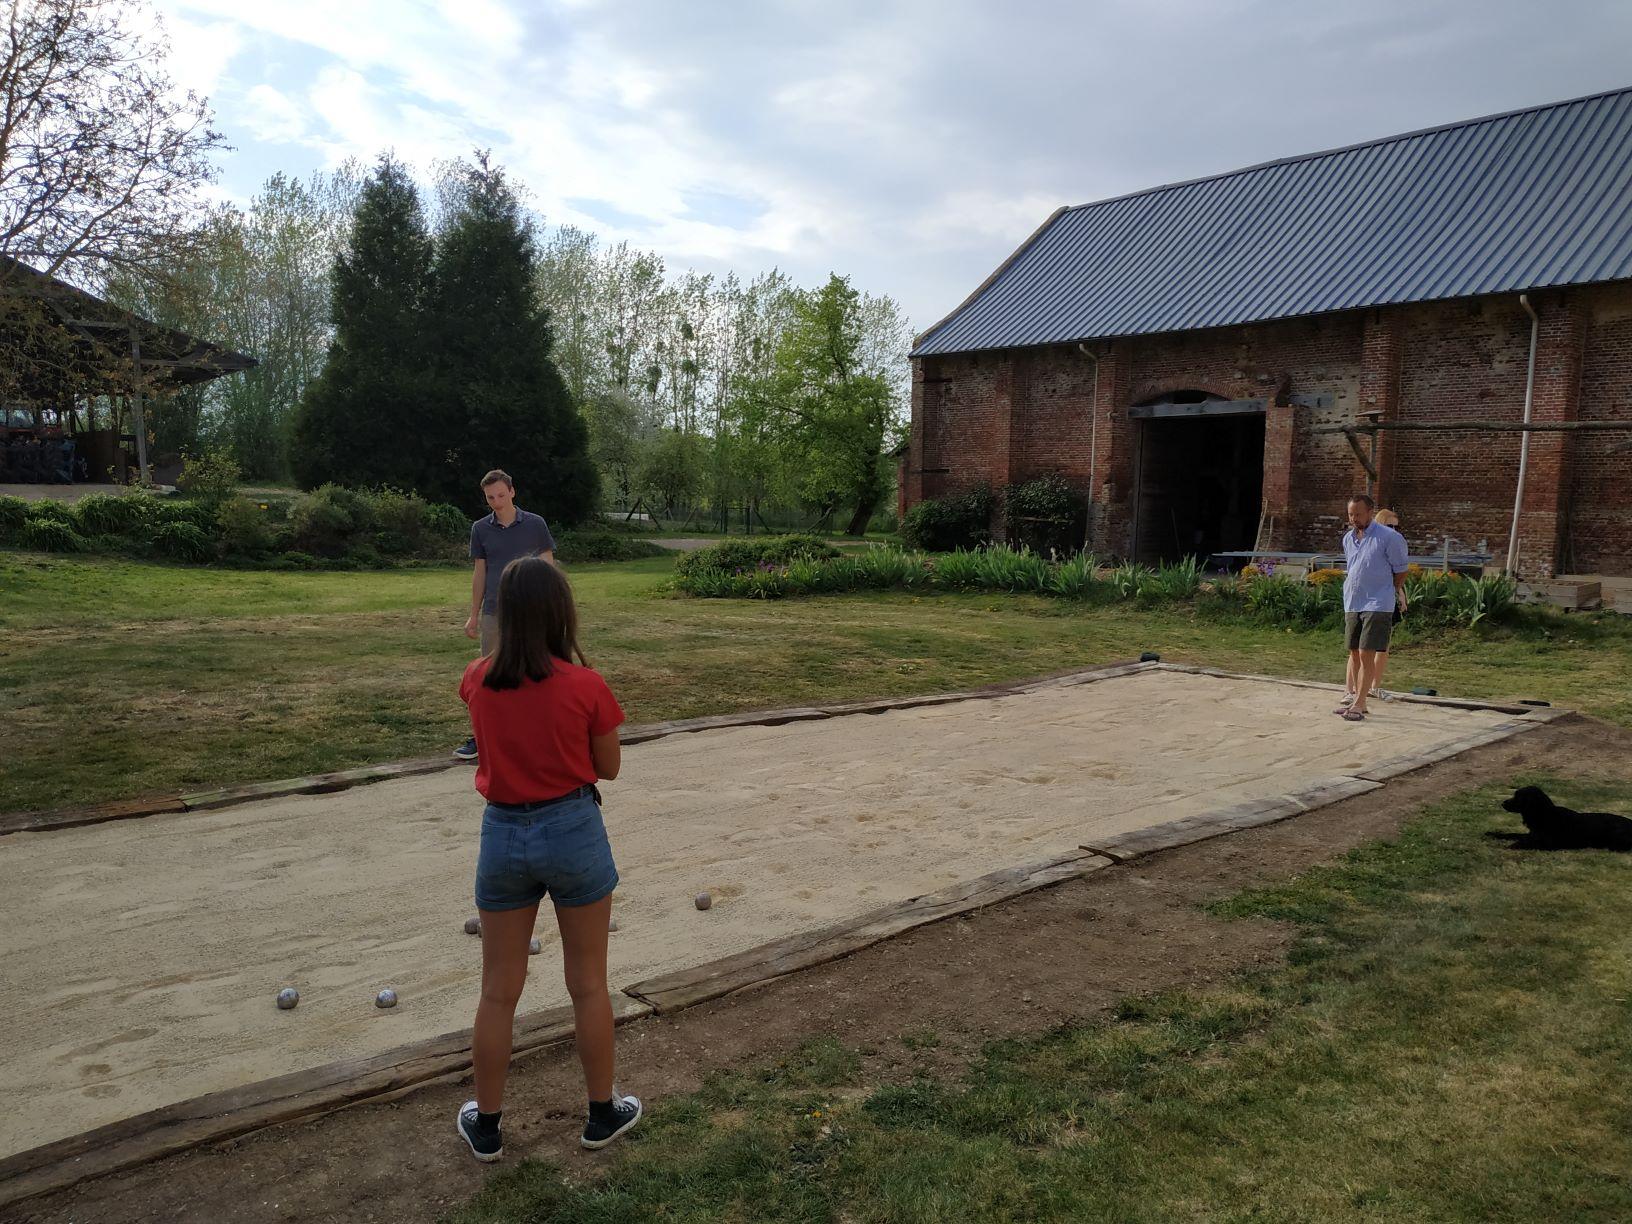 Terrain de pétanque dans le jardin.